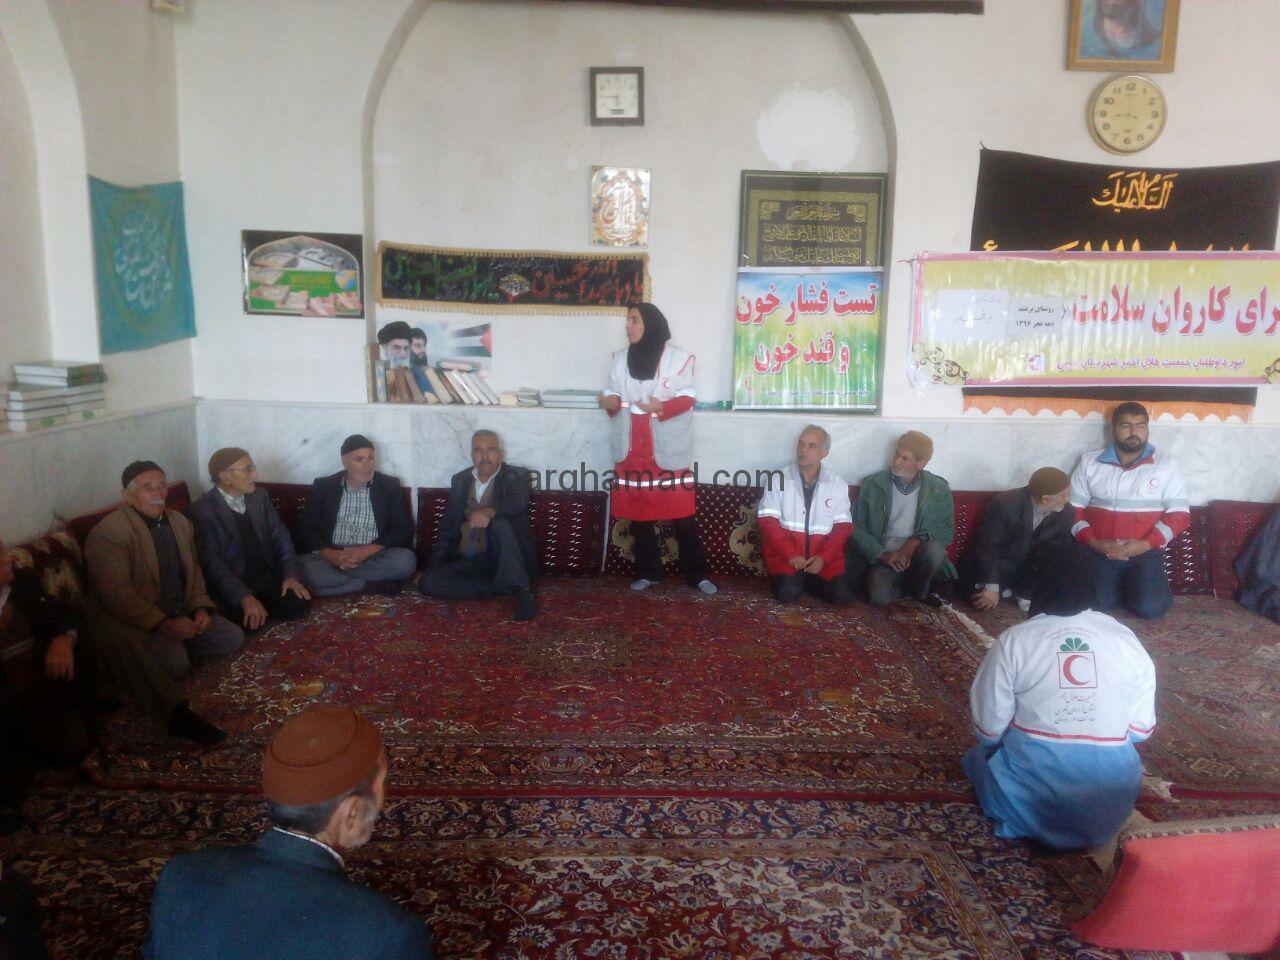 تست فشار خون و قند خون رایگان توسط مسولین هلال احمر شهرستان در مسجد علی بن ابی طالب(ع) روستای برغمد